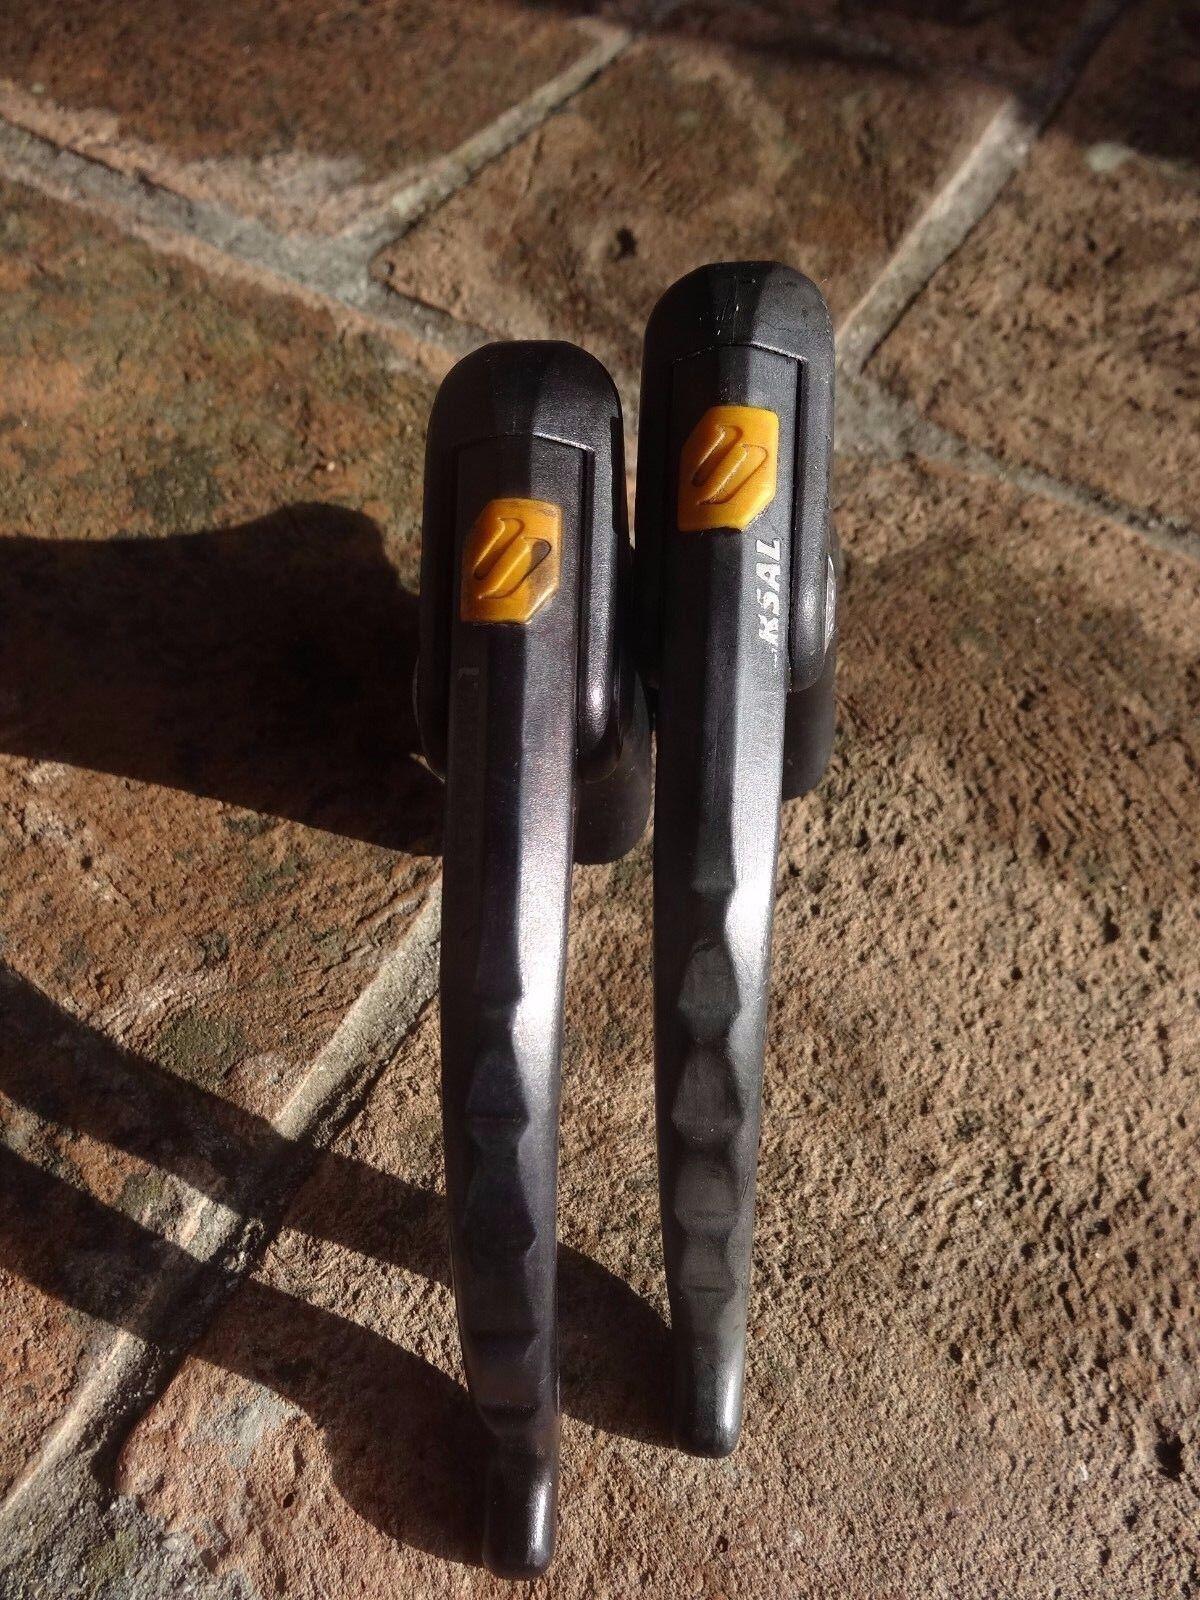 Vintage Universal LR2 Aero brake levers.